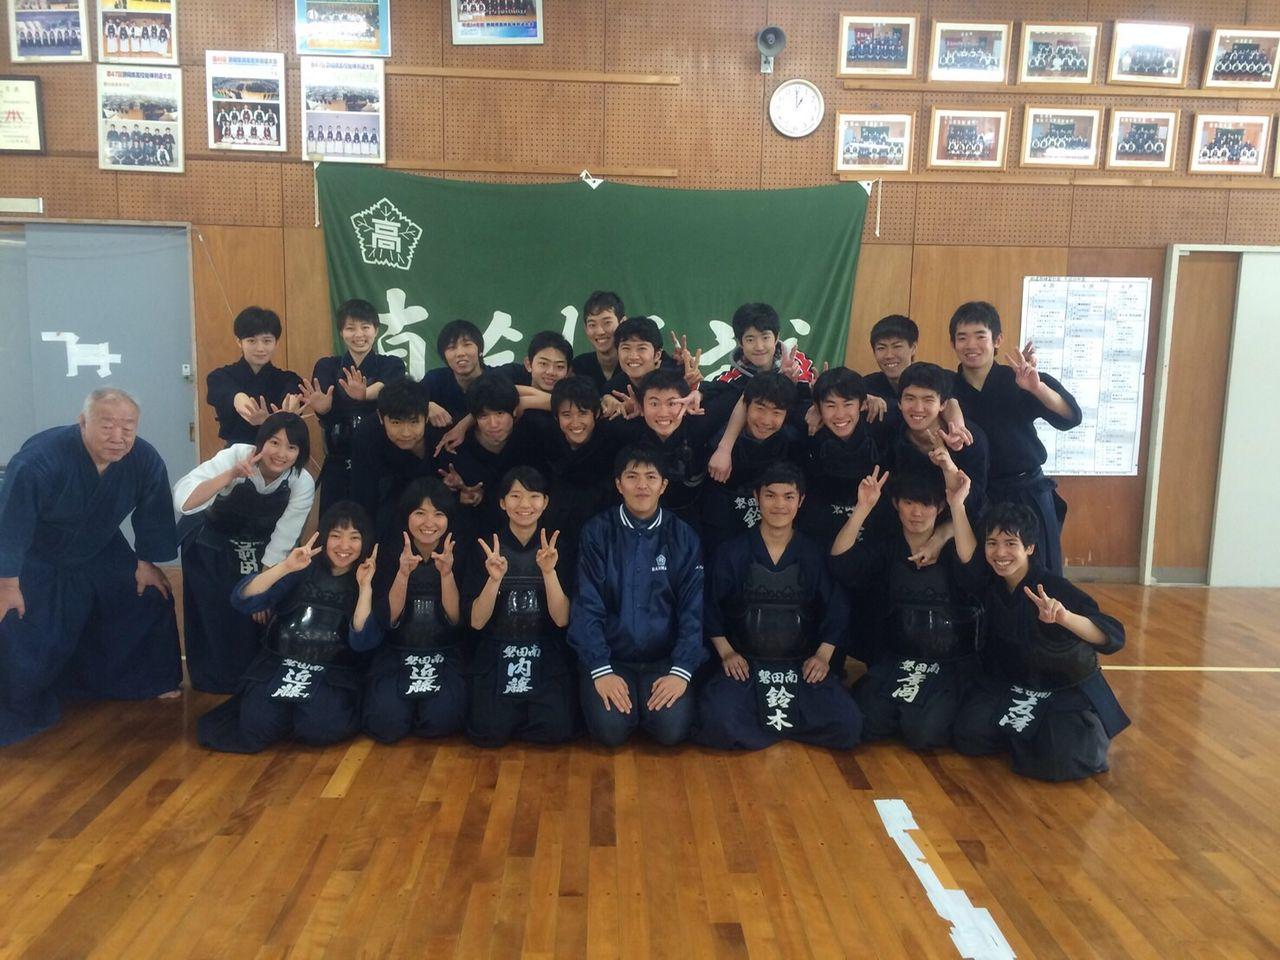 南 高校 磐田 磐田南高校受験対策|現在の偏差値から合格|オーダーメイドカリキュラム